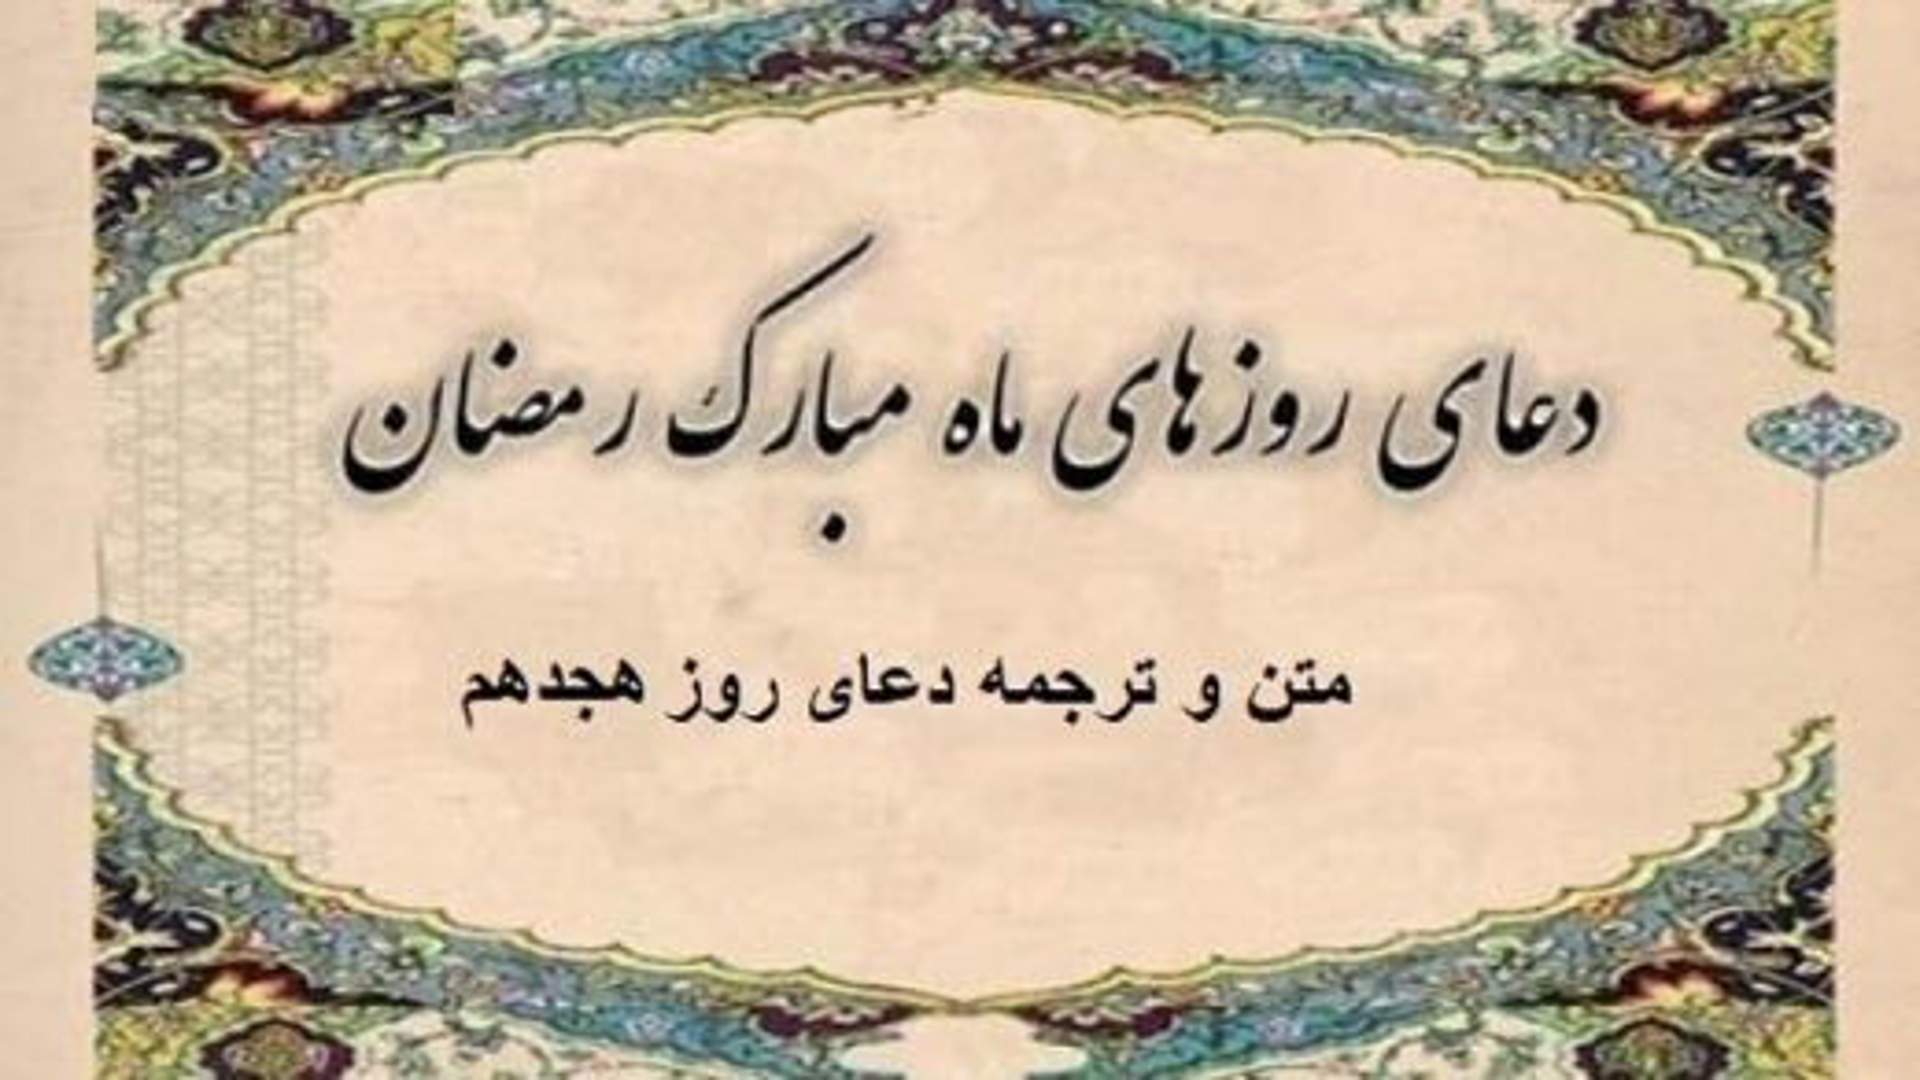 دعای روز هجدهم ماه مبارک رمضان به همراه متن و ترجمه | فیلم